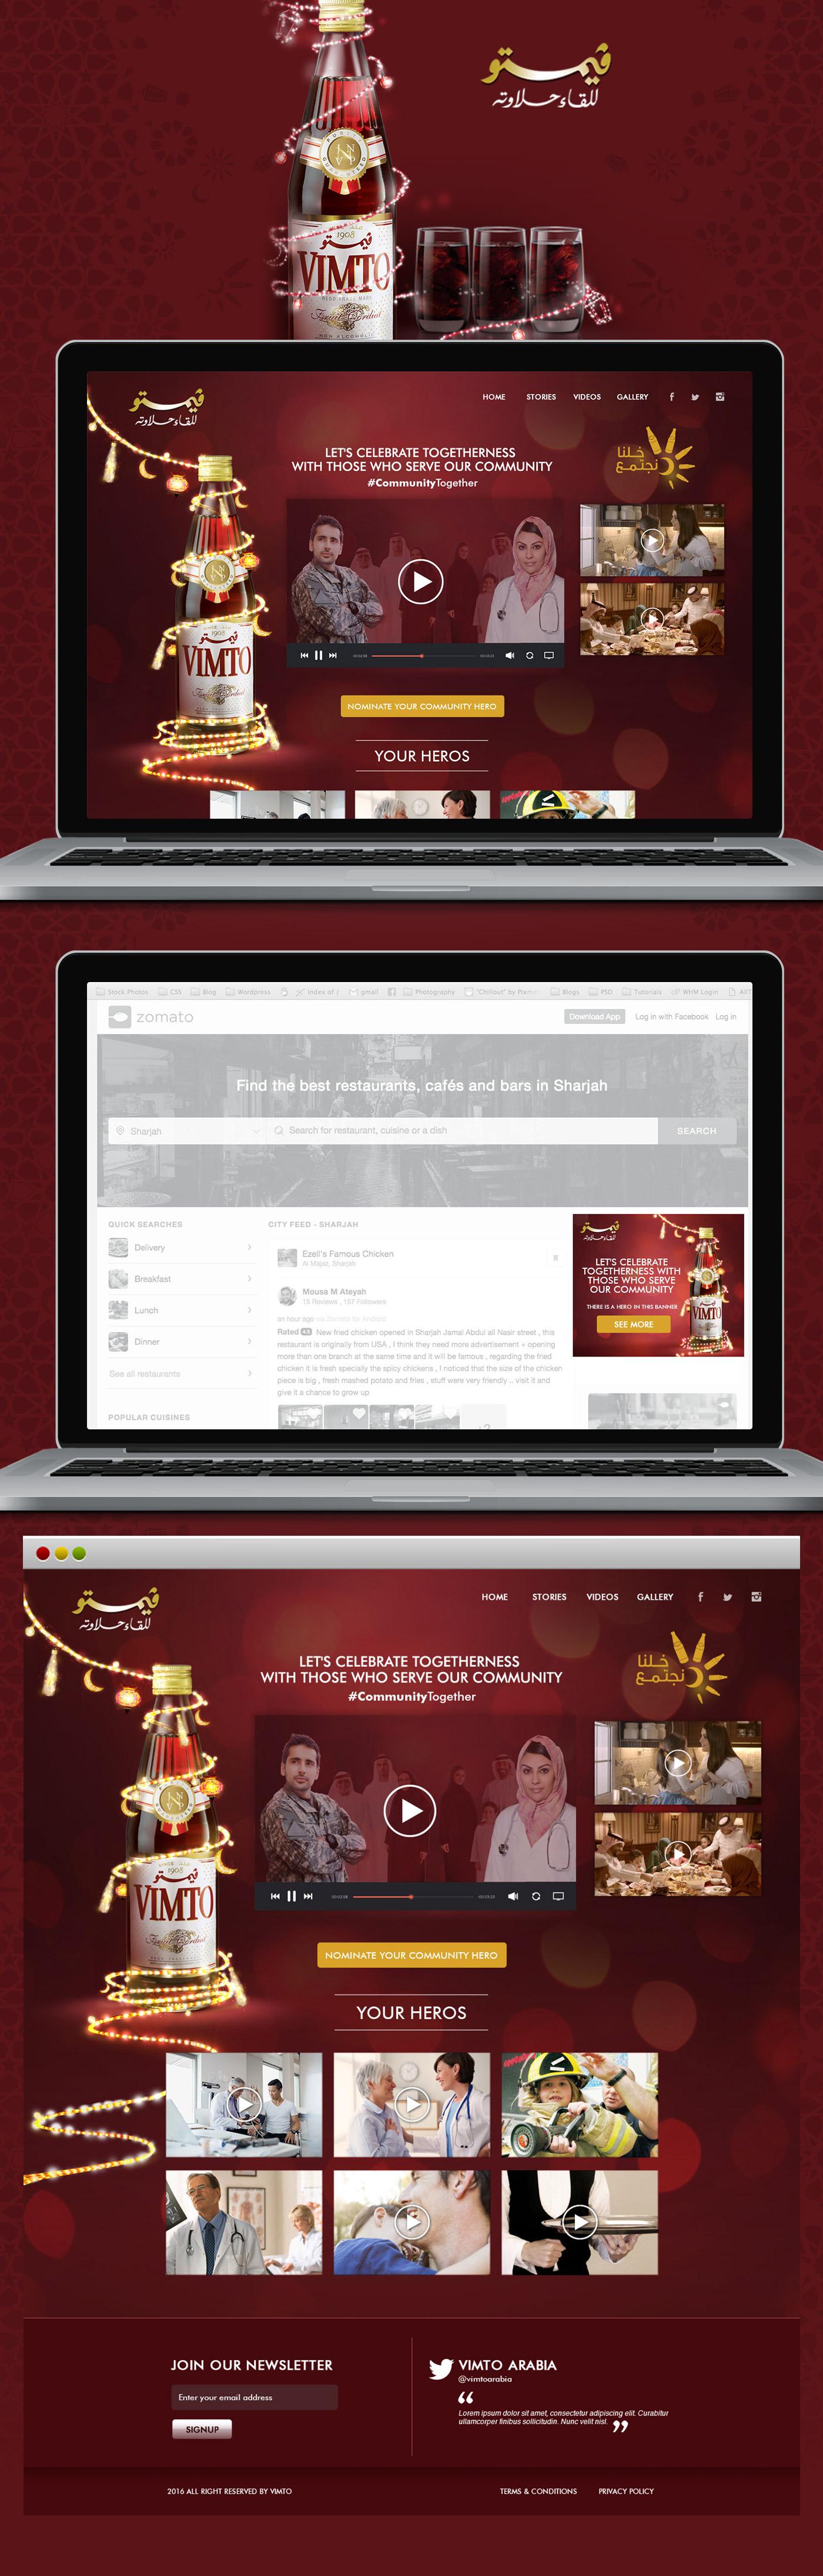 vimto togetherness_campaign vimto_campaign vimto_uae facetoface UAEDesign uaeagency digitaldesigner abdulazizportfolio a.azizdesigner